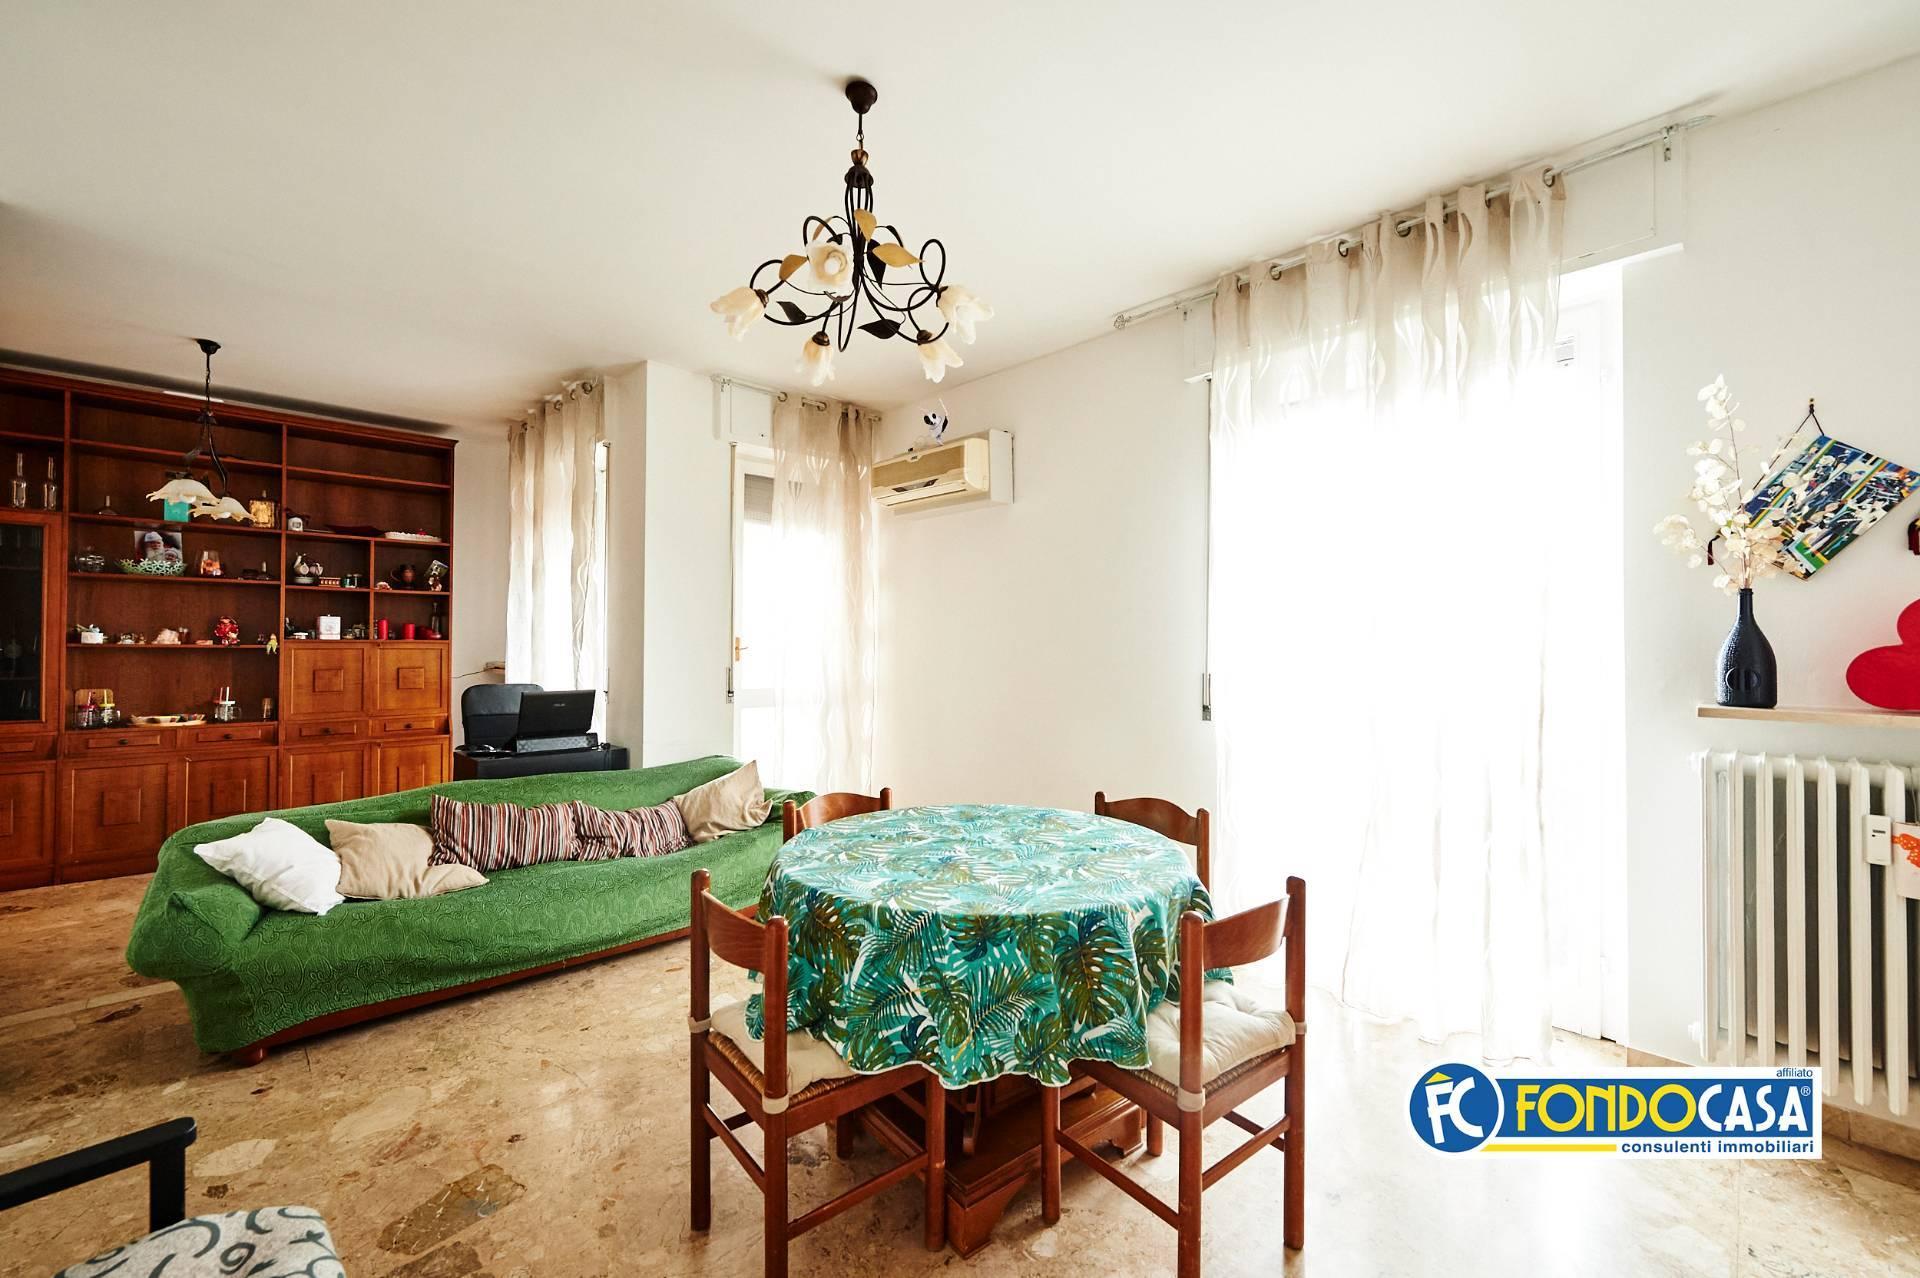 Appartamento in vendita a Trezzano sul Naviglio, 3 locali, prezzo € 175.000 | PortaleAgenzieImmobiliari.it